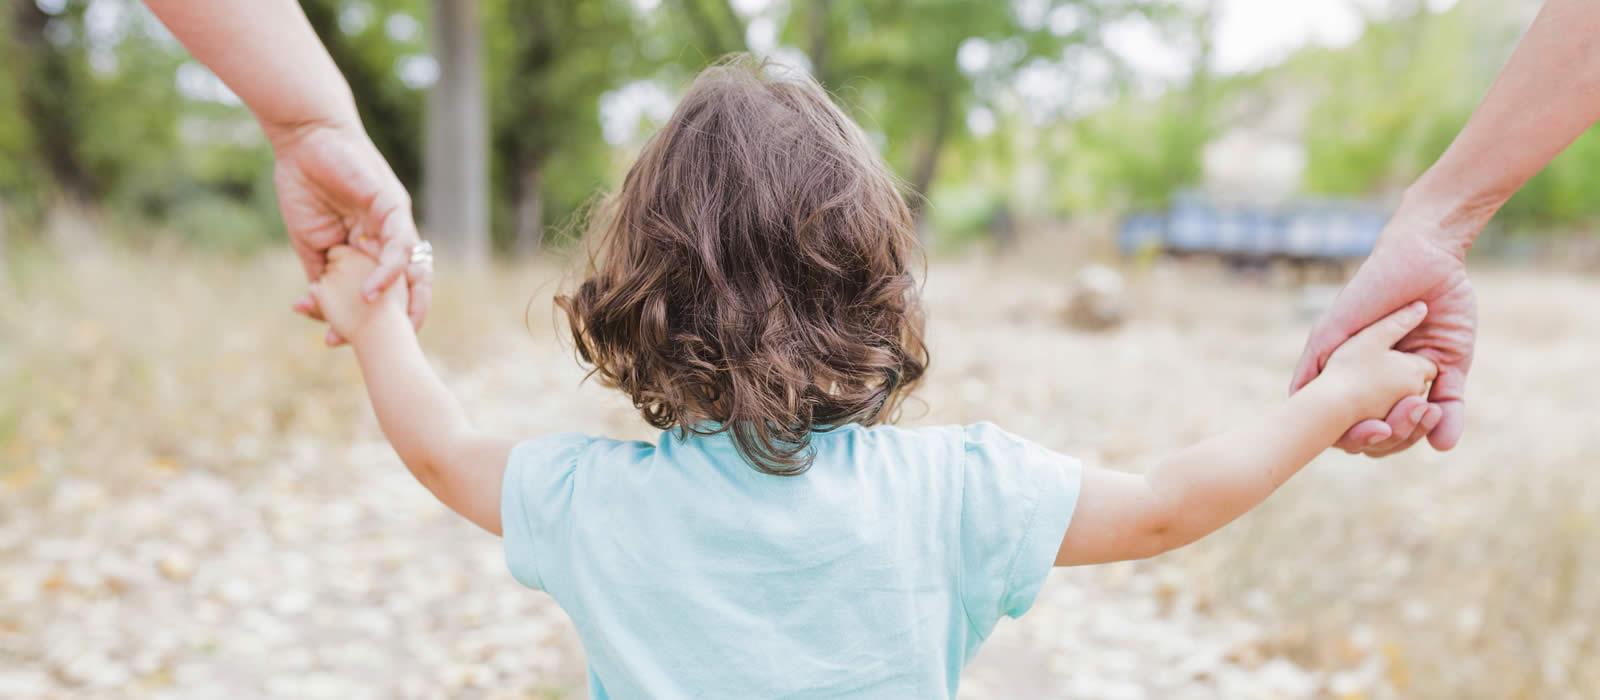 Cojera en niños: síntomas, causas y tratamientos